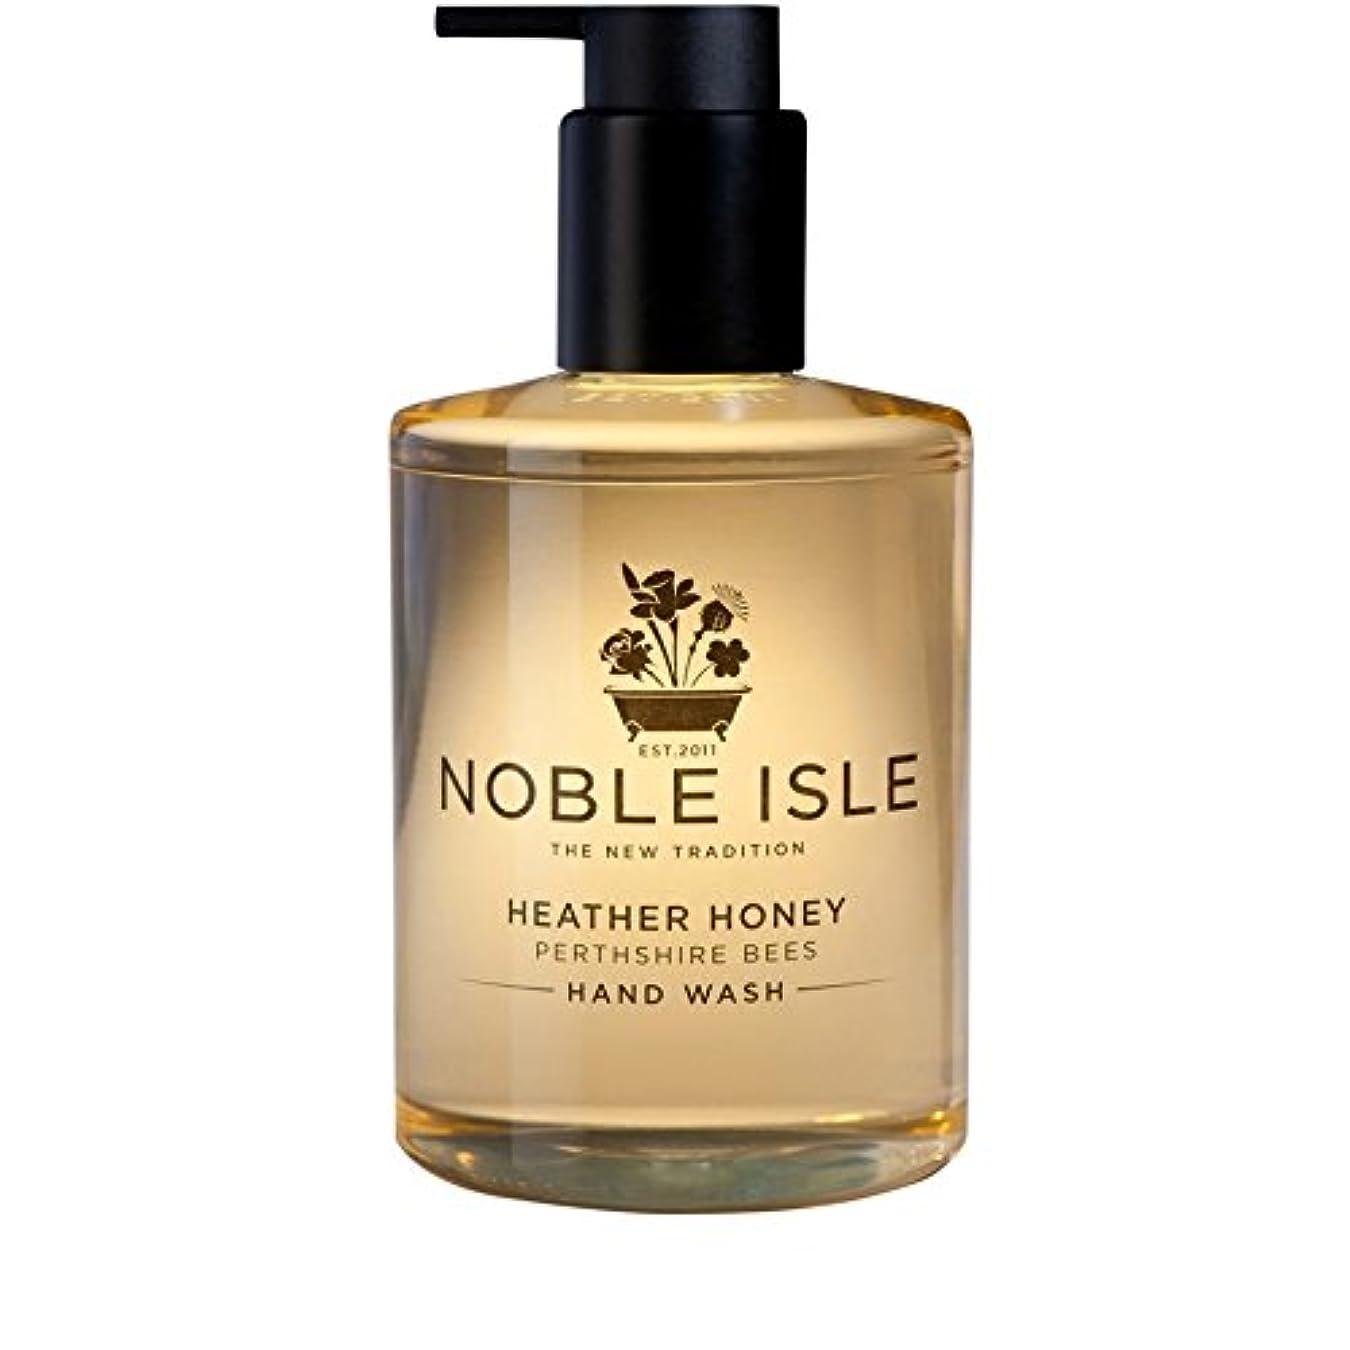 複雑他に演劇Noble Isle Heather Honey Perthshire Bees Hand Wash 250ml (Pack of 6) - 高貴な島杢蜂蜜パースシャー蜂のハンドウォッシュ250ミリリットル x6 [並行輸入品]